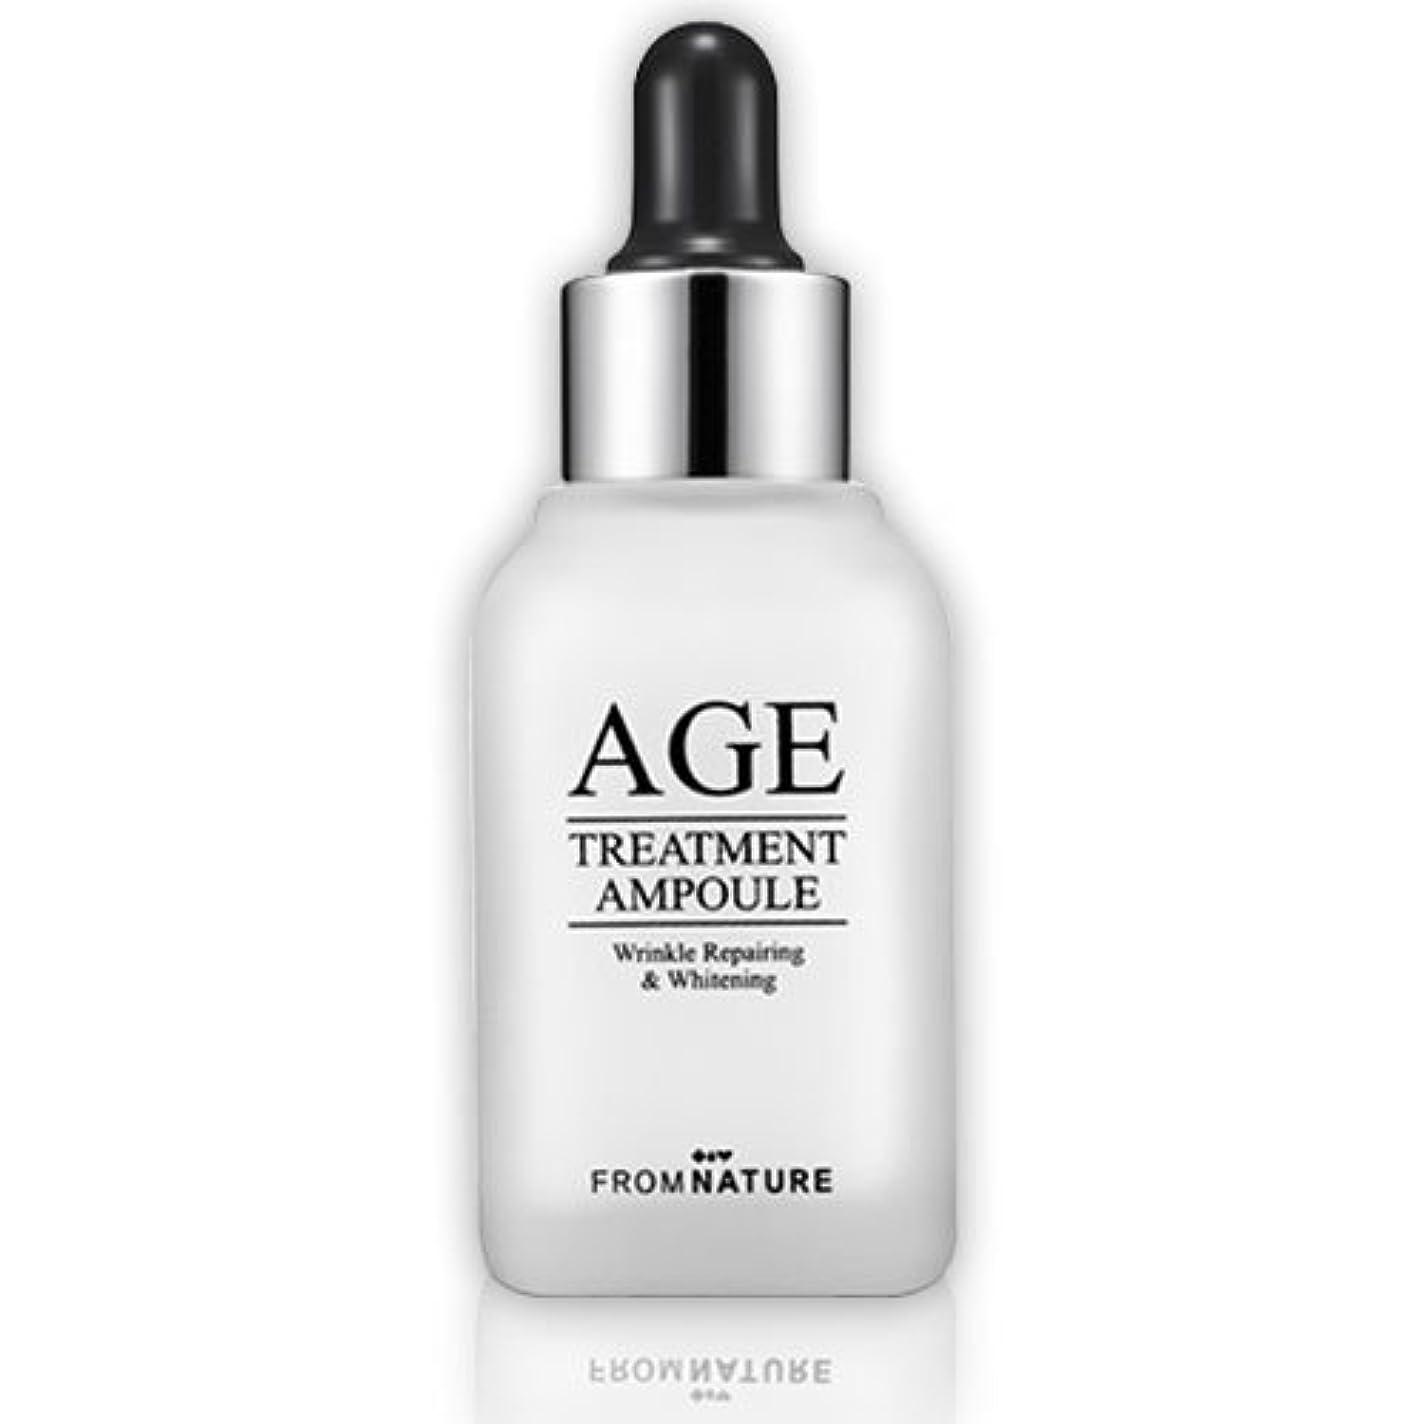 【韓国人気コスメ 化粧品】FROMNATURE 【AGE トリートメント アンプル】/AGE TREATEMENT AMPOULE 72.6%